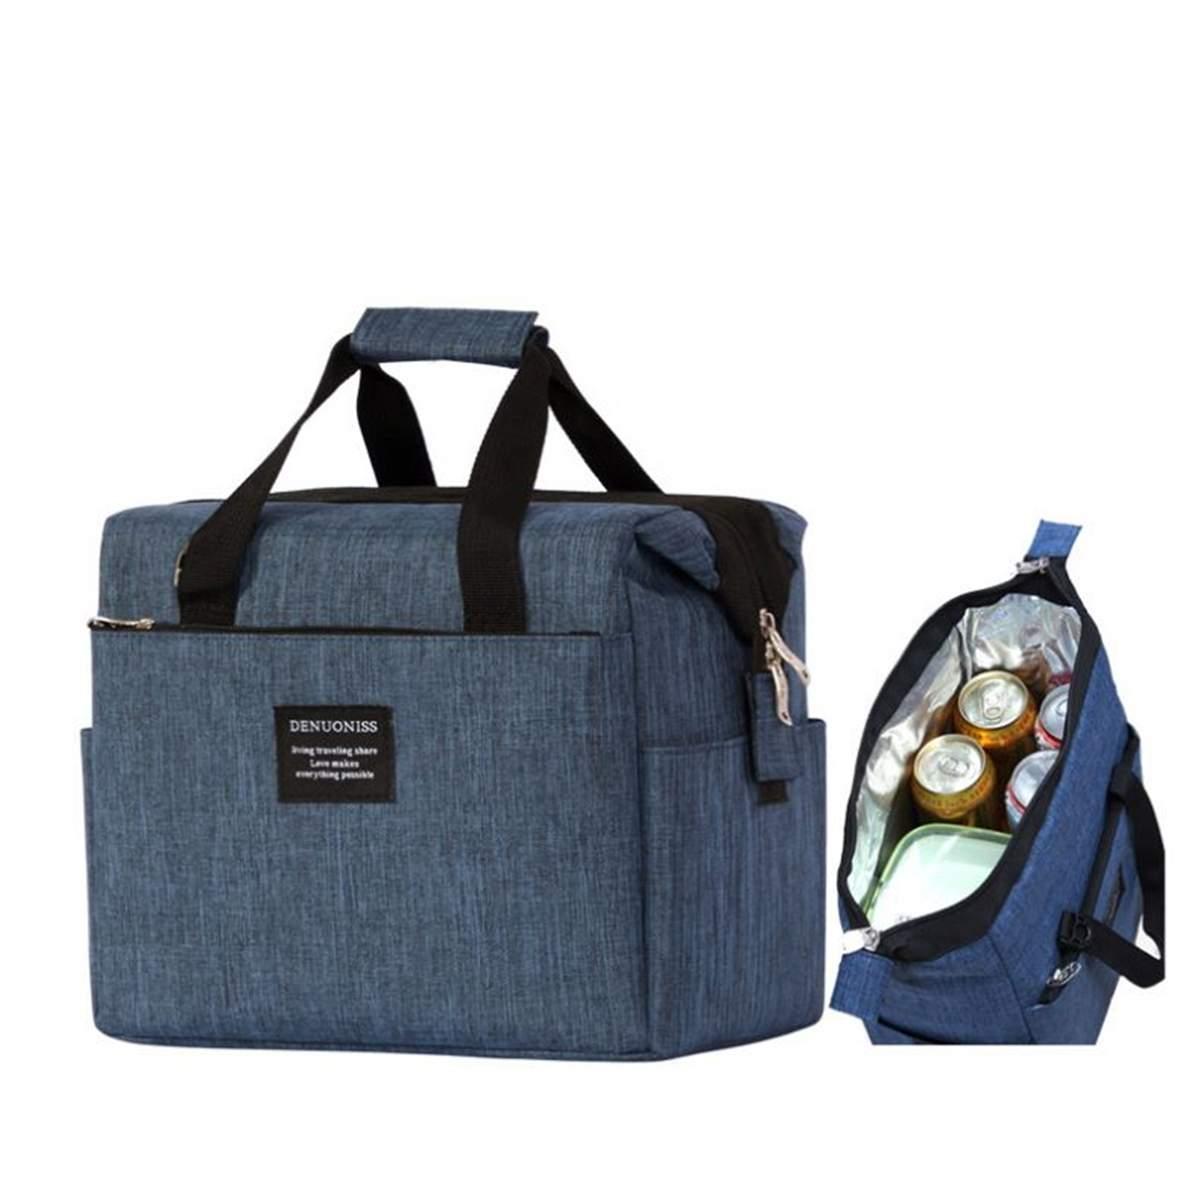 SchöN 10l Tragbare Isolierte Thermische Mittagessen Box Kühler Tragen Tote Picknick Lagerung Tasche Freizeit Handtasche Schulter Picknick Tasche Lunch Bag Gepäck & Taschen